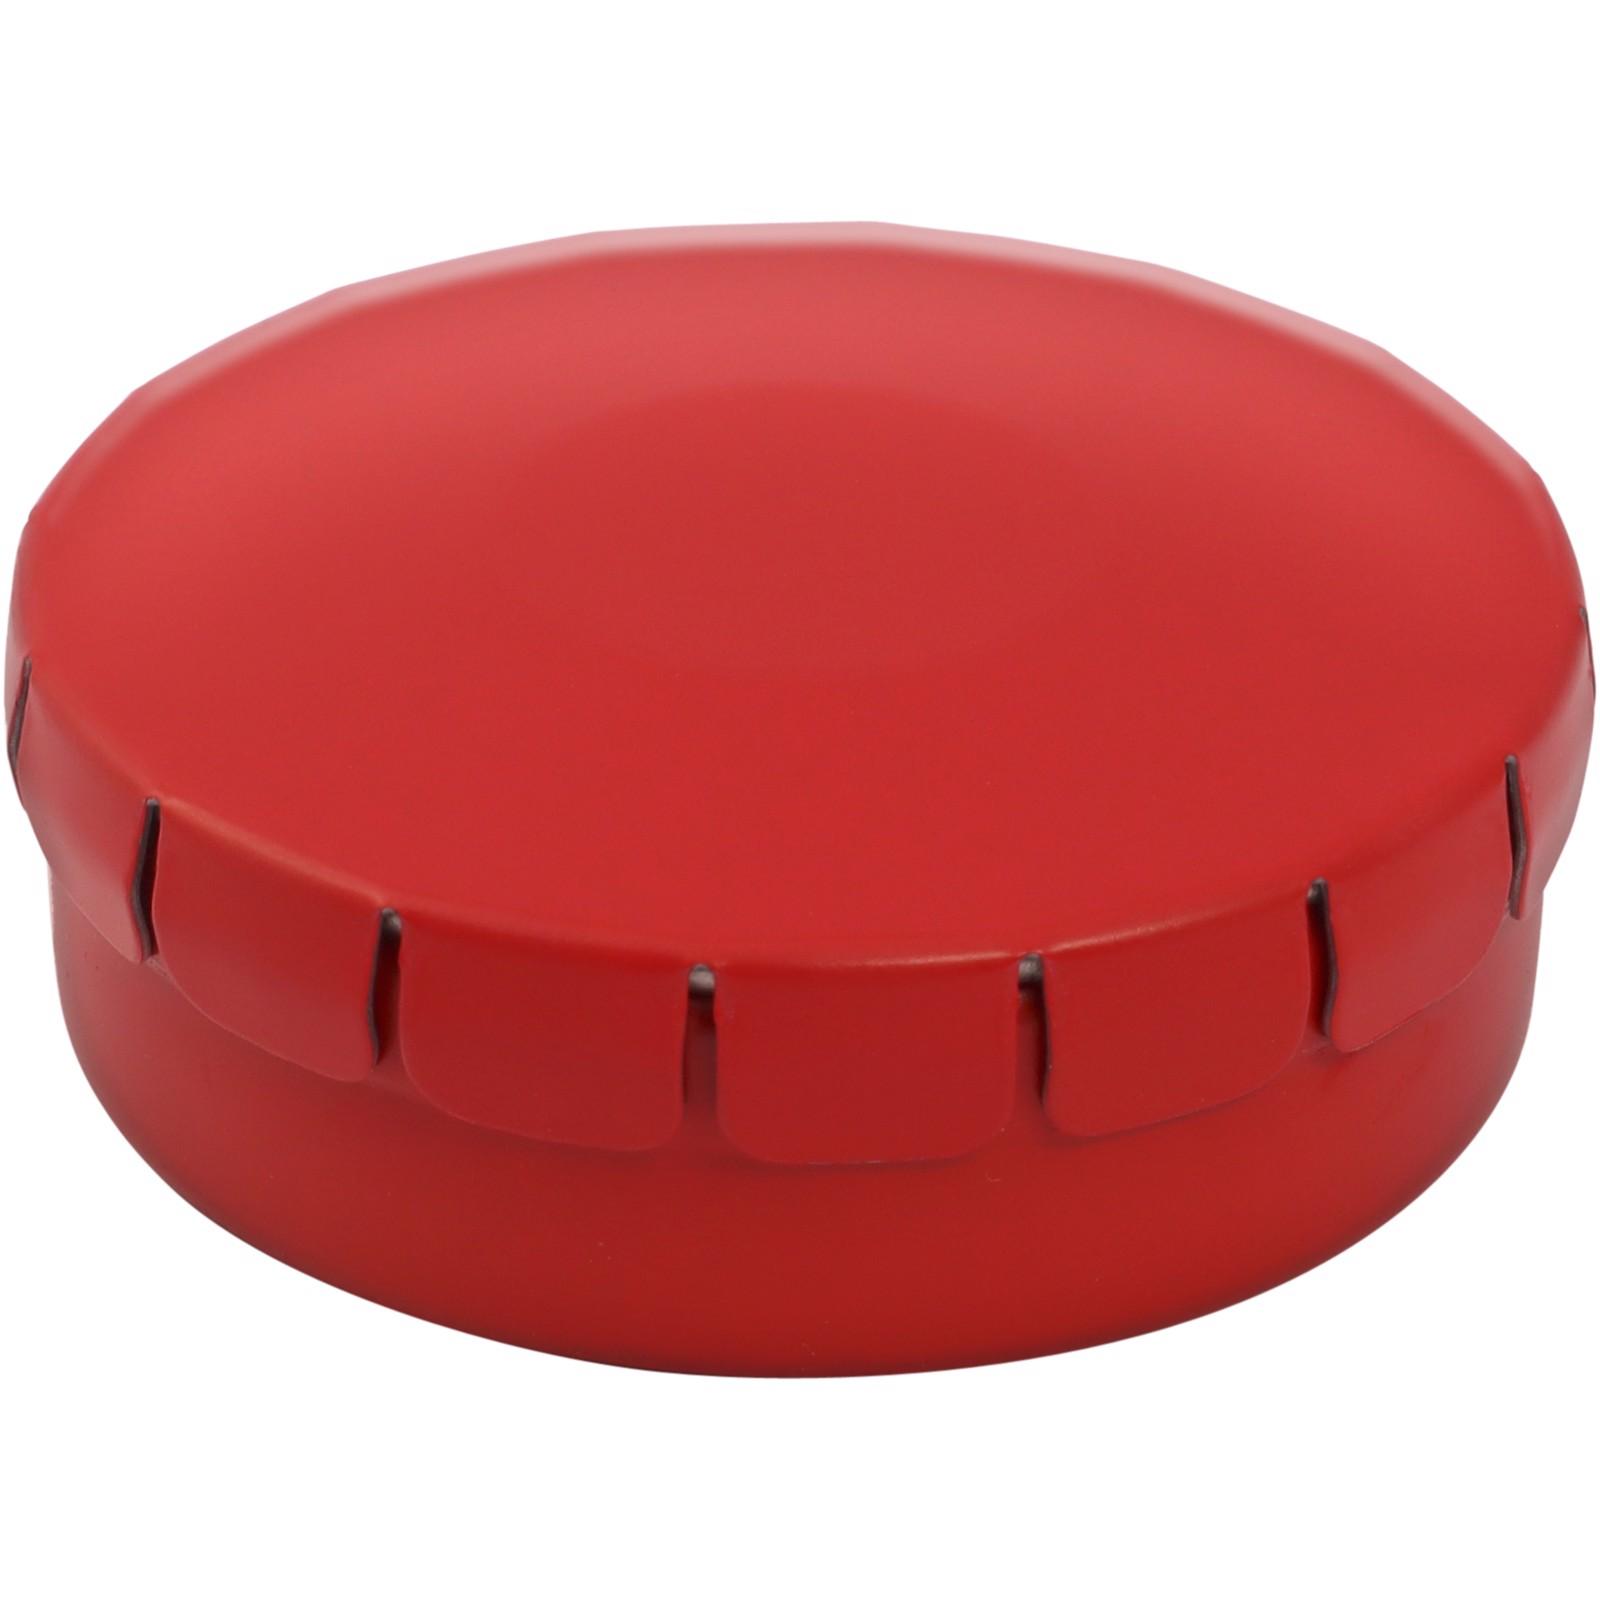 Clic clac extra silné mentolky bez cukru - Červená s efektem námrazy